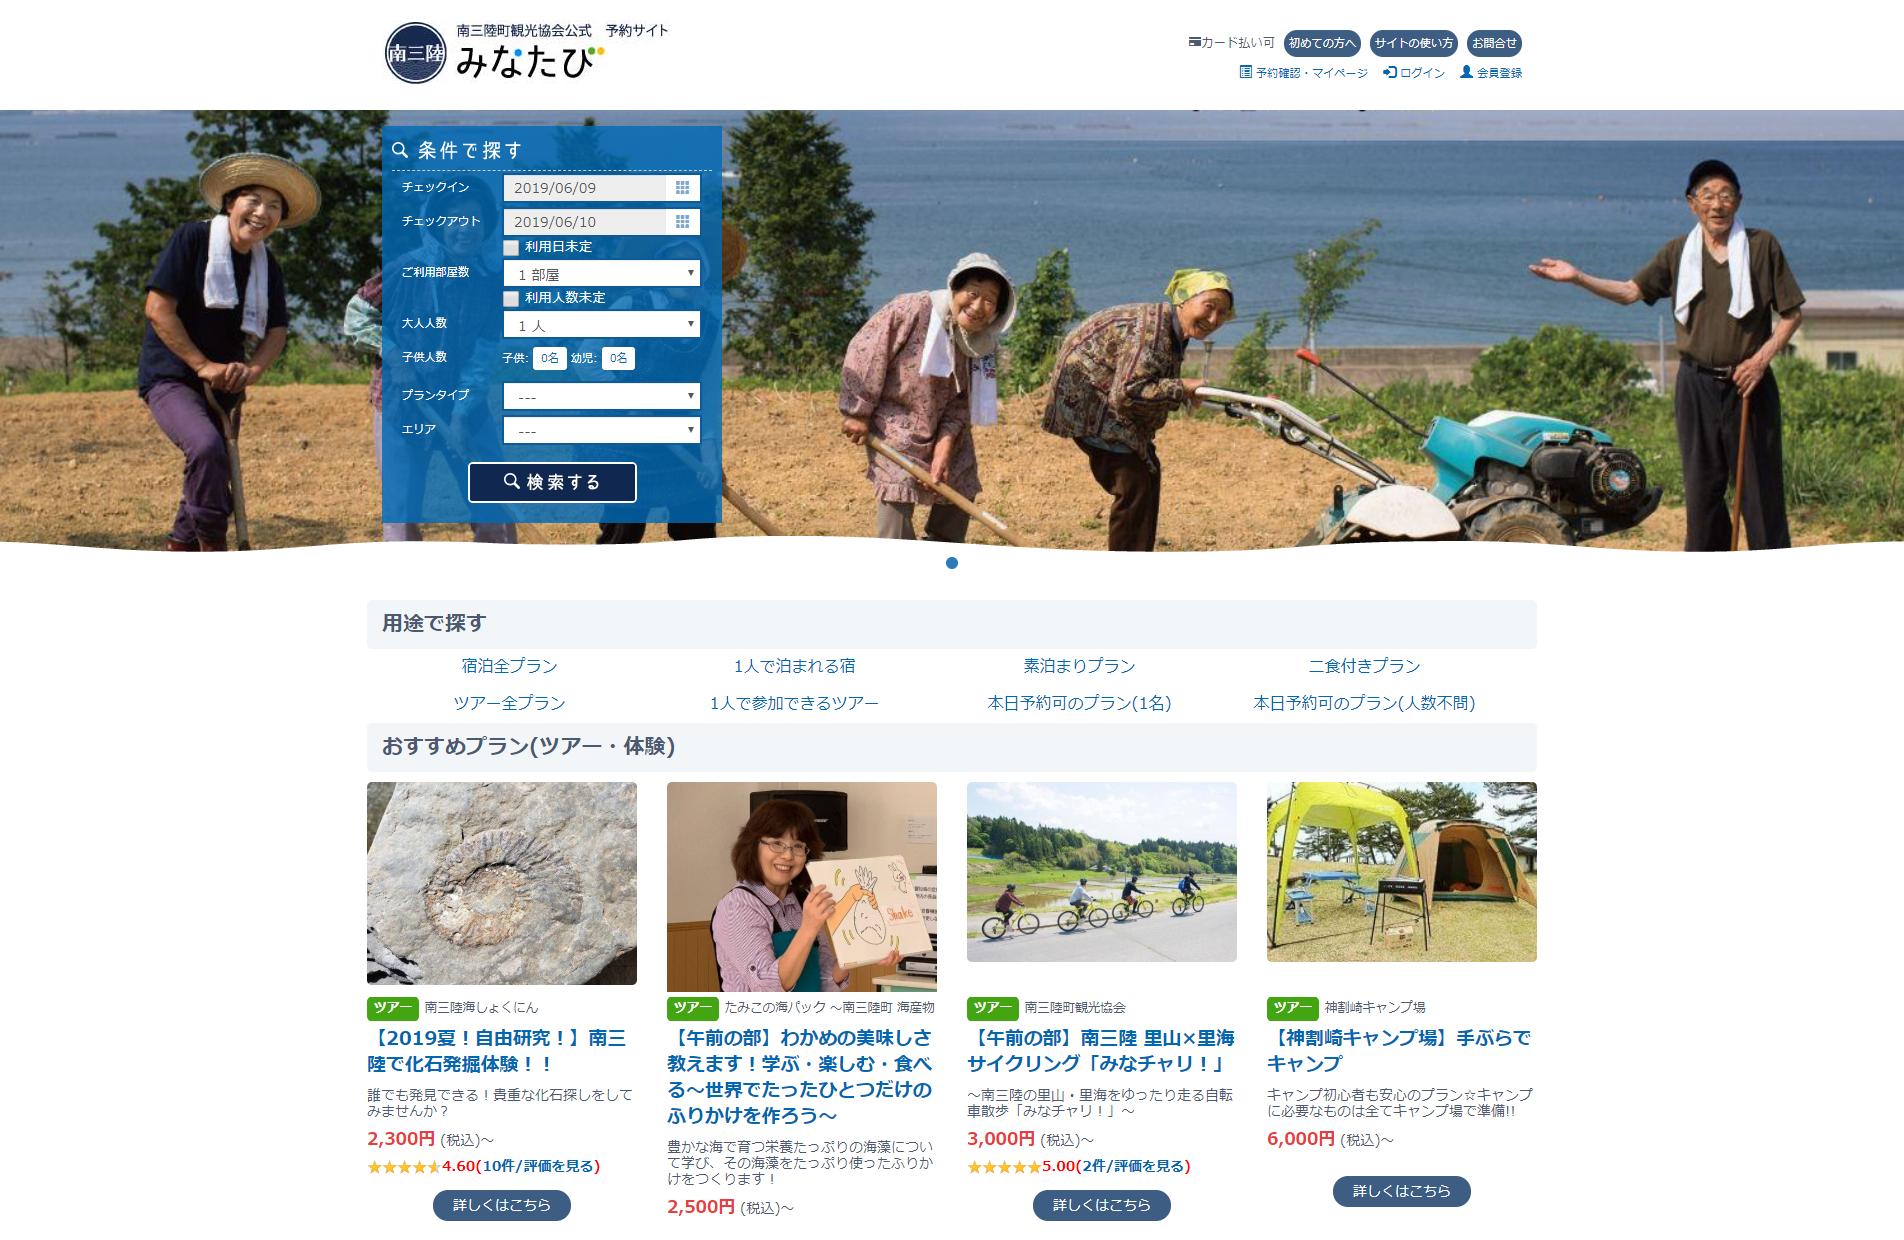 顧客サイトトップ画面